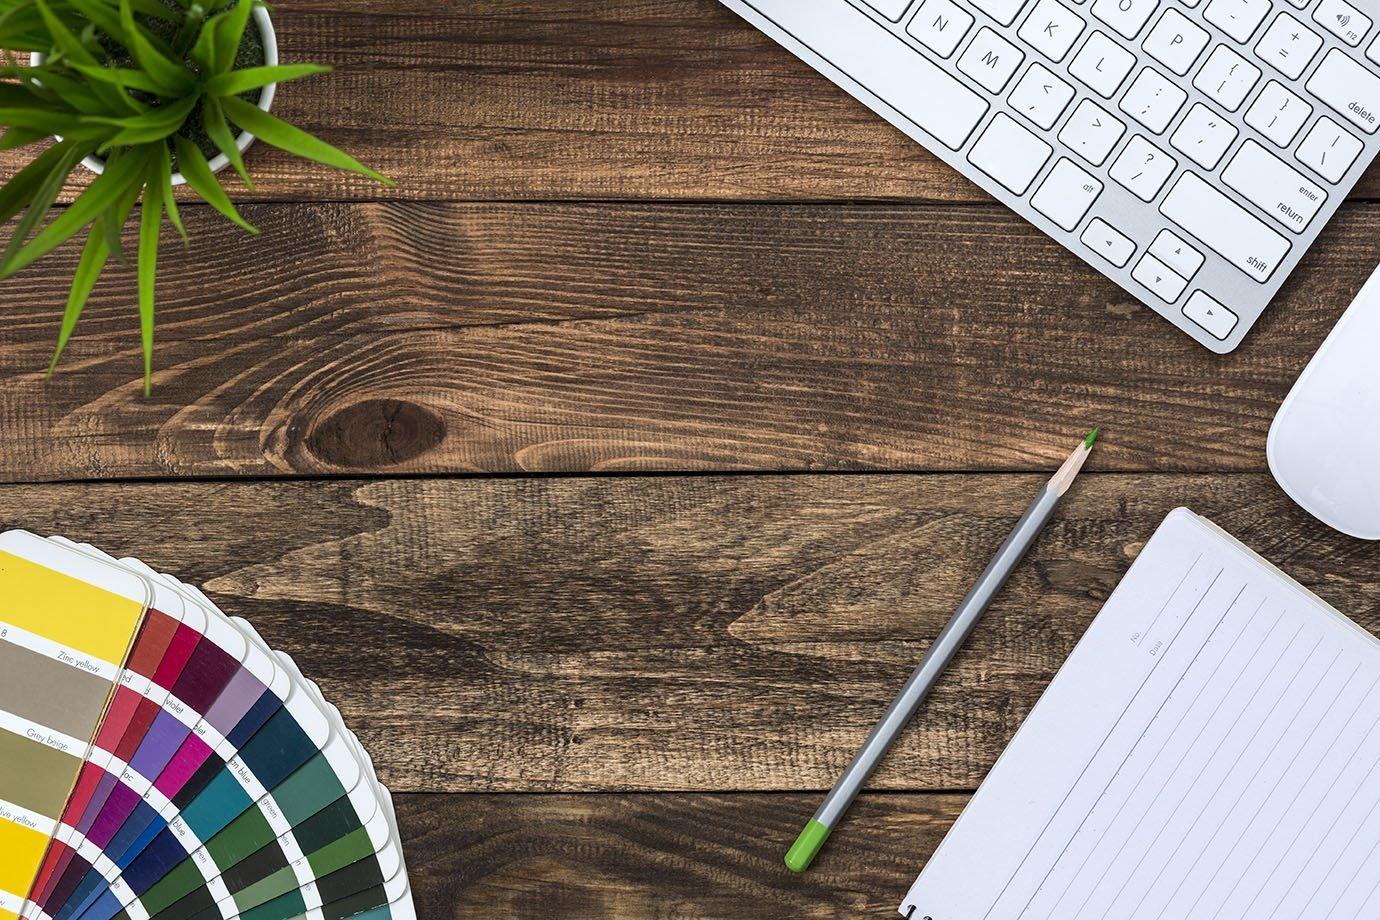 Mesa de trabalho com computador, lápis e paleta de cores: design, criação, marketing